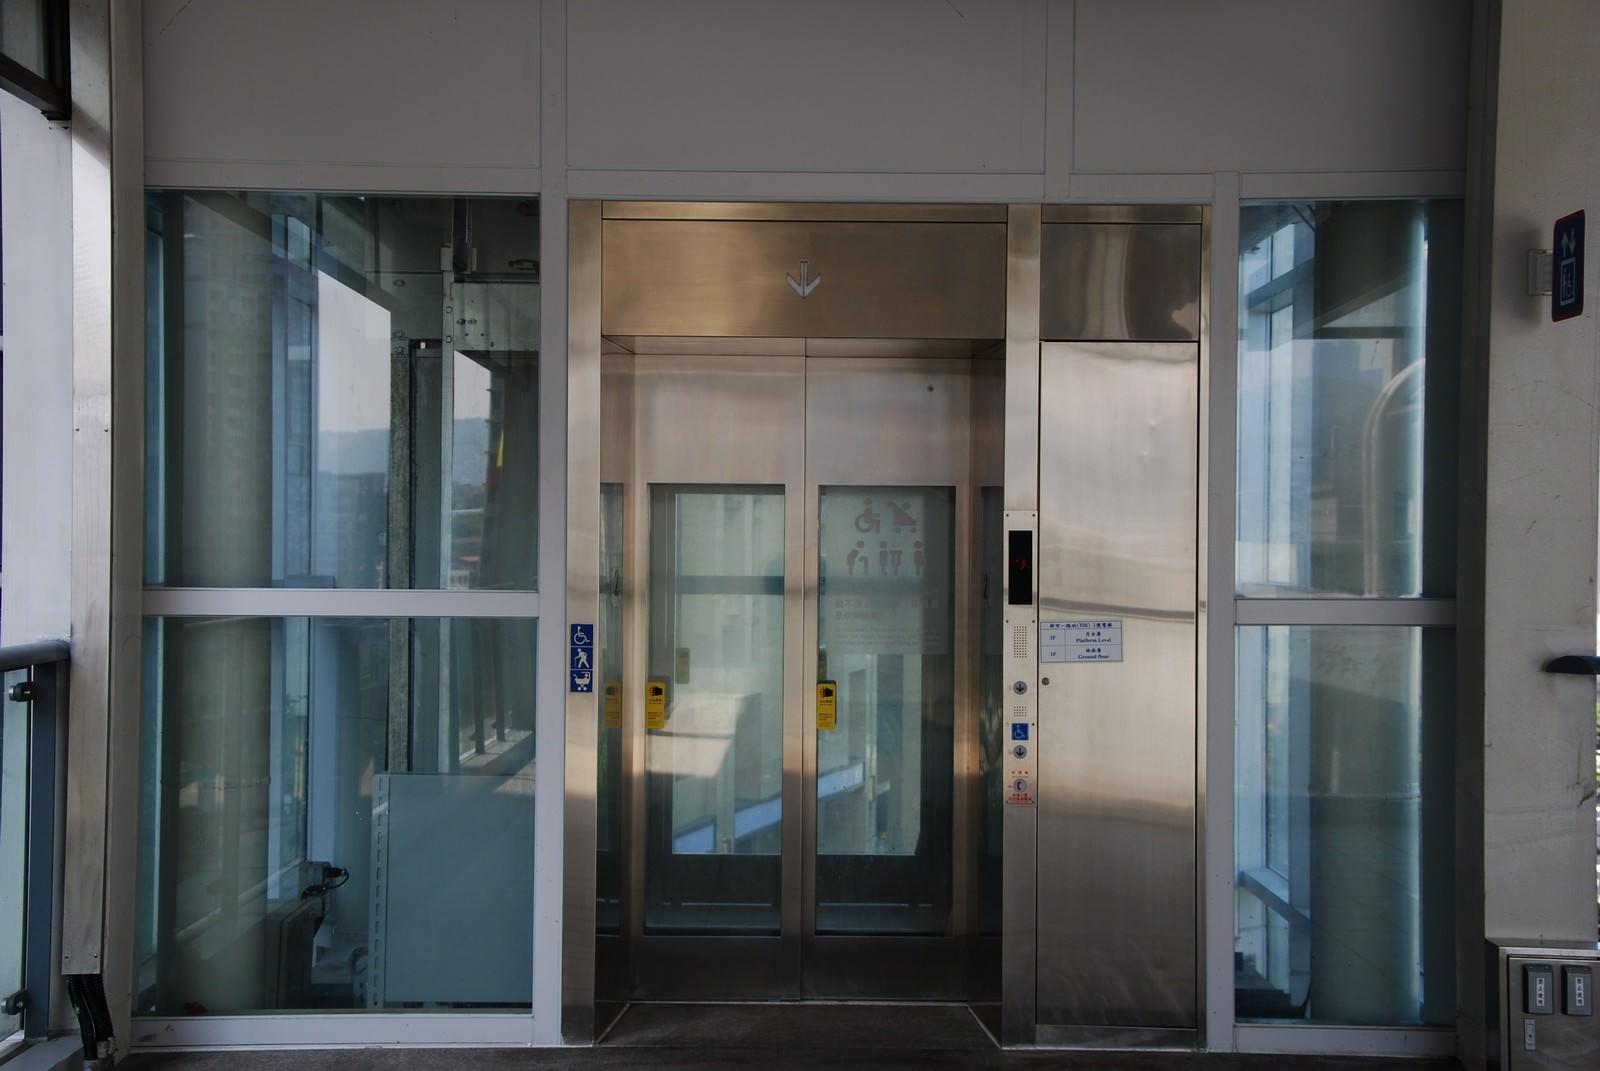 淡海輕軌綠山線, 輕軌新市一路站, 電梯